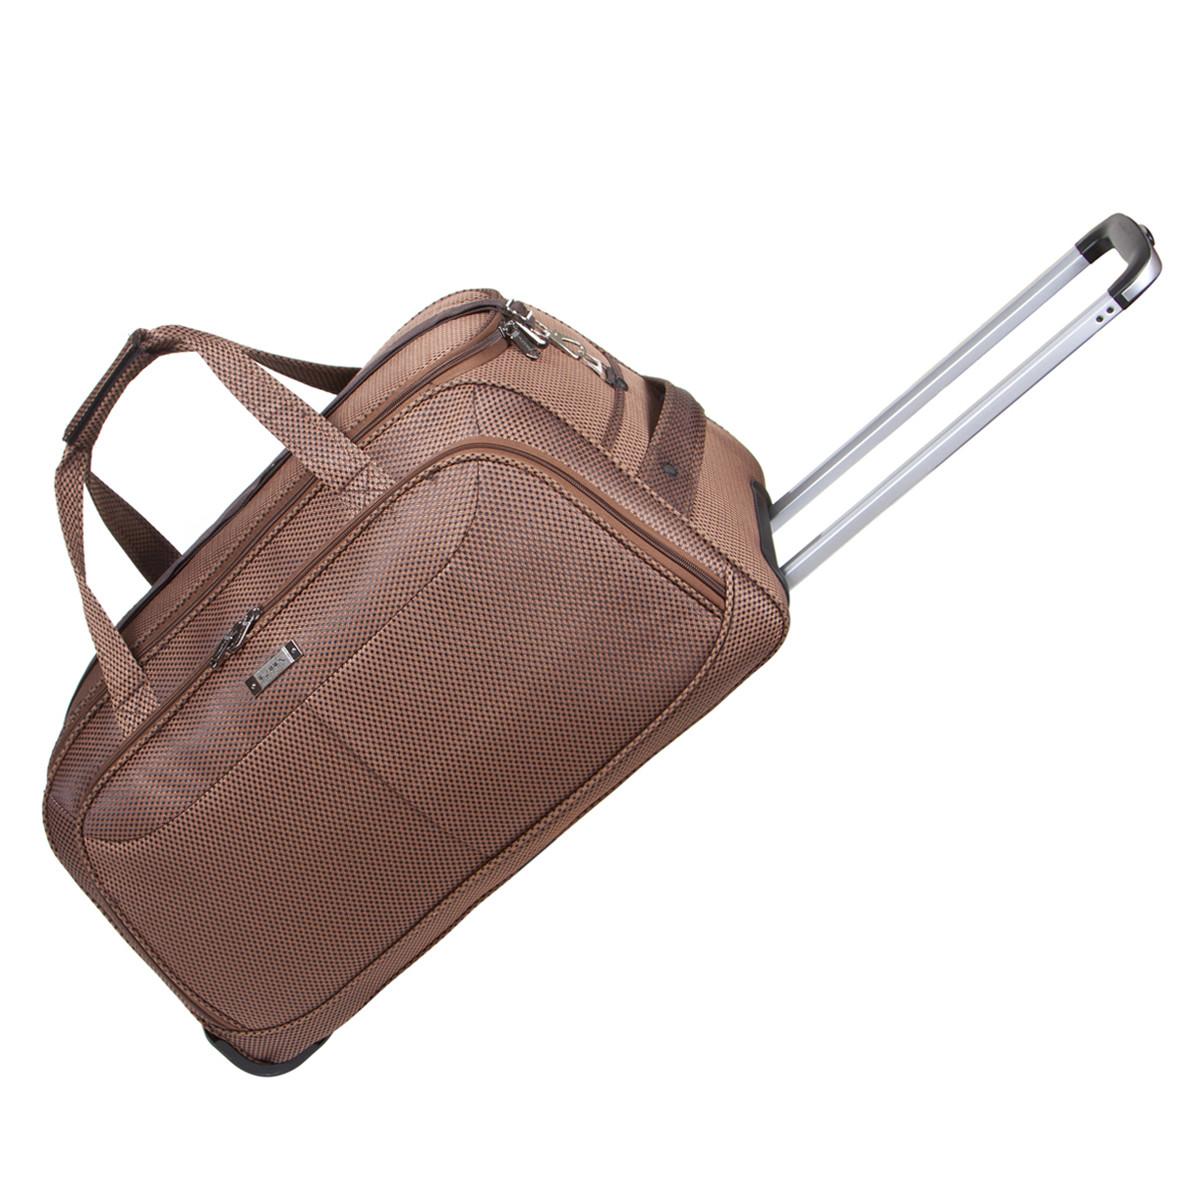 Дорожня сумка середня FILIPPINI три колеса 62х33х38 коричнева ксТ0045корср